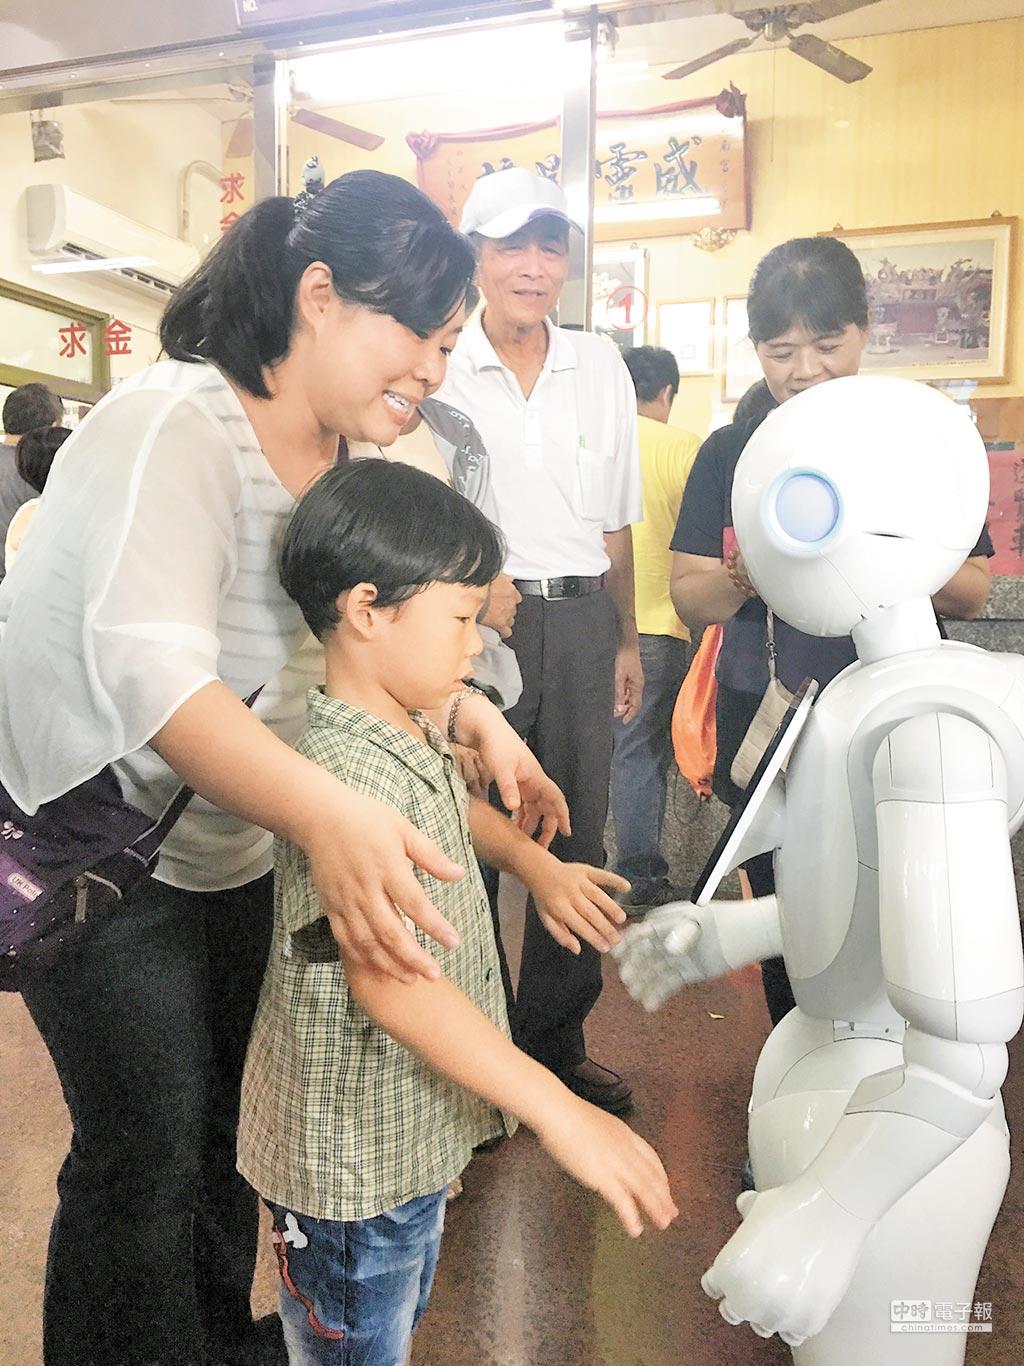 為順應信眾年輕化,紫南宮配合文化季活動,裝置Pepper互動式機器人!這尊機器人暫時定名叫「阿福」,它可以與信眾對話、猜遊客年紀,或是教小朋友跳舞。(沈揮勝攝)